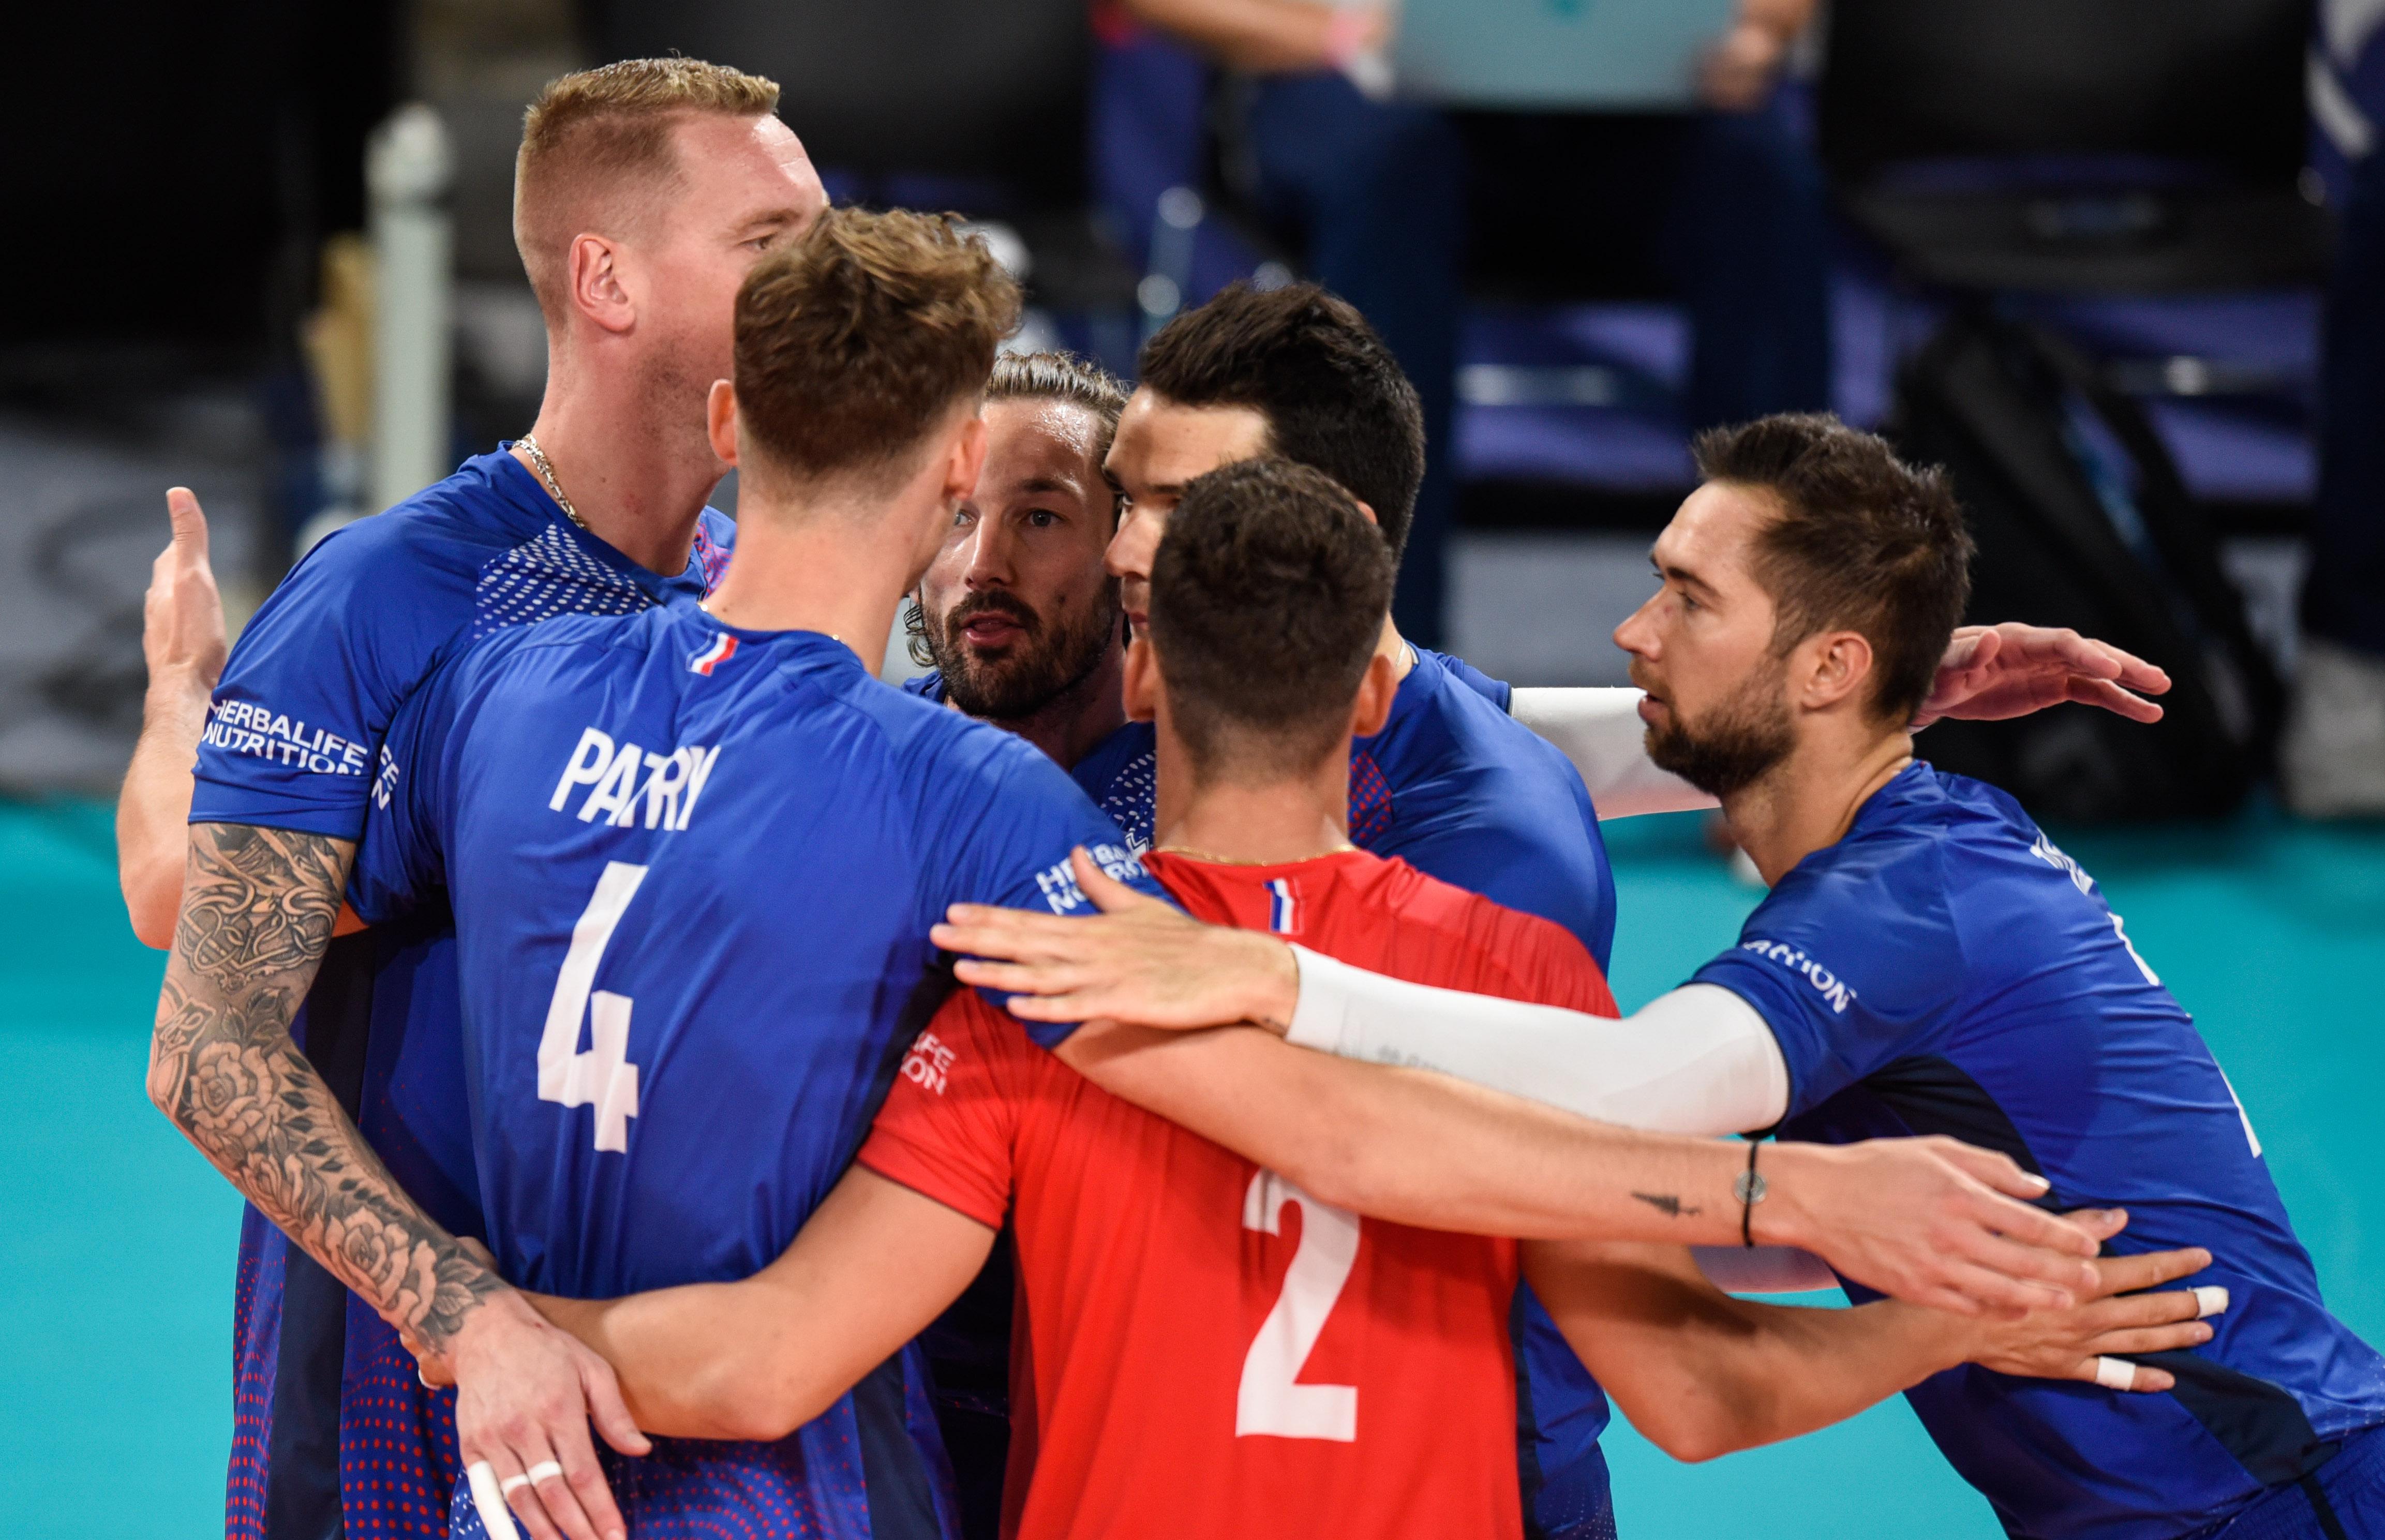 Volley - Equipe de France - Euro 2019 : pour le volley français, il est temps de sortir de l'ombre